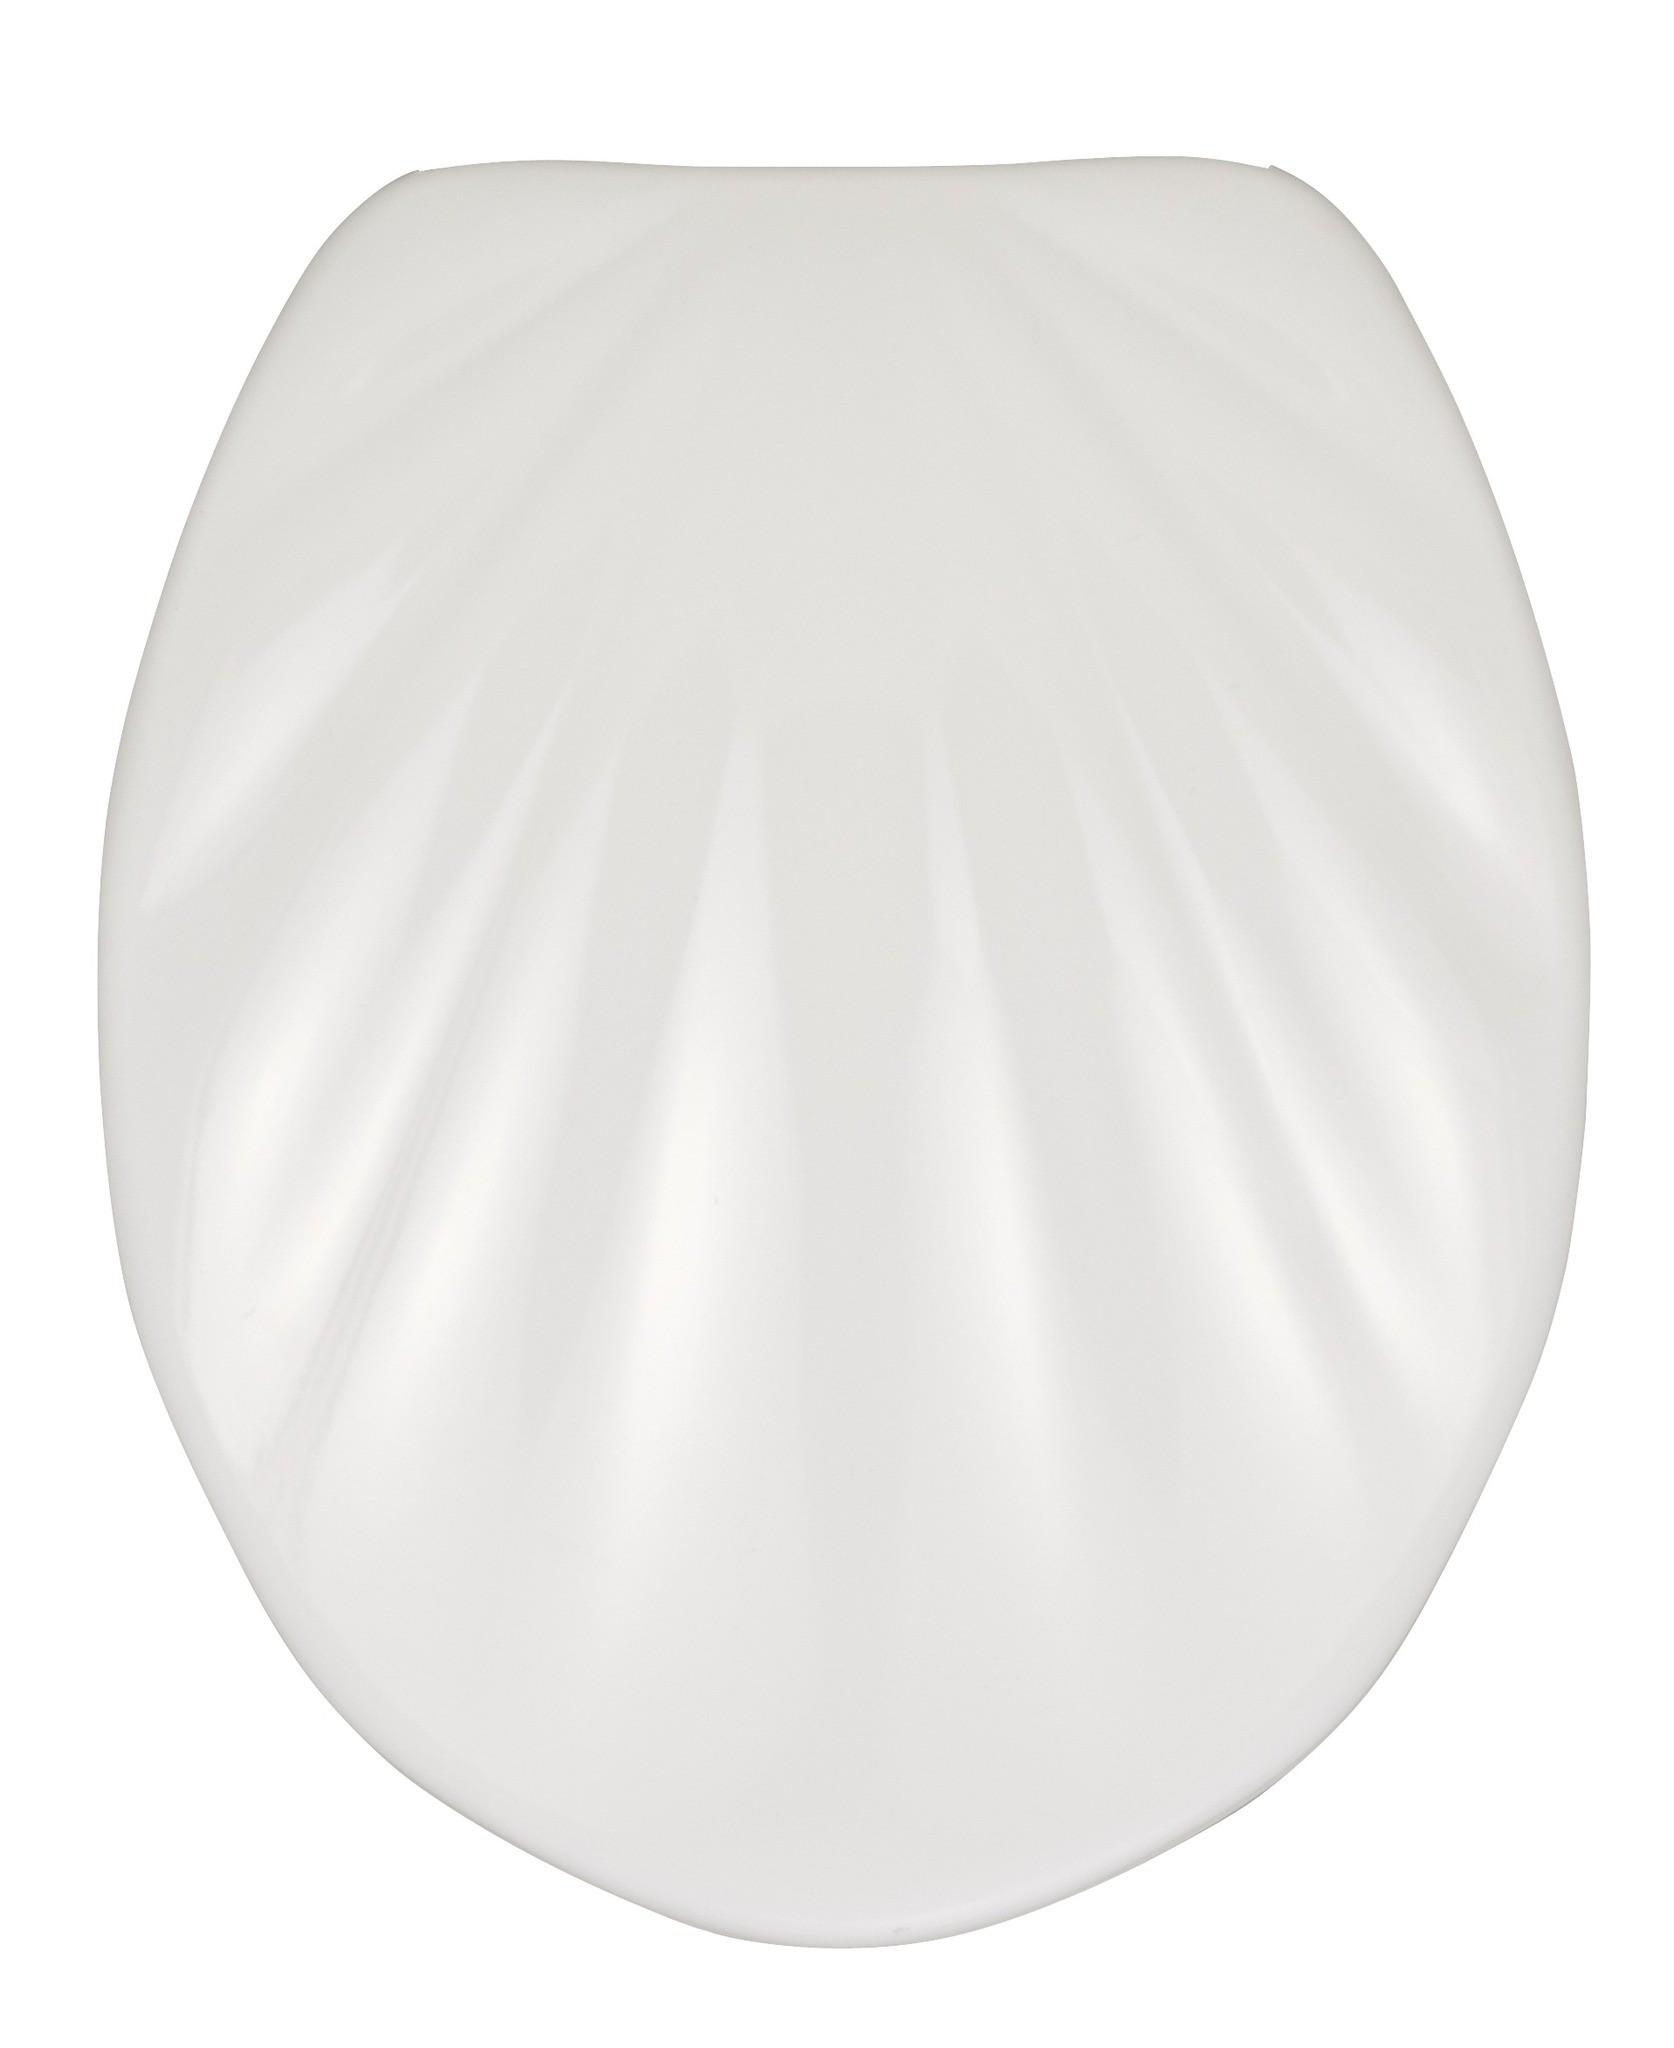 Premium WC-Sitz Muschel, mit Absenkautomatik